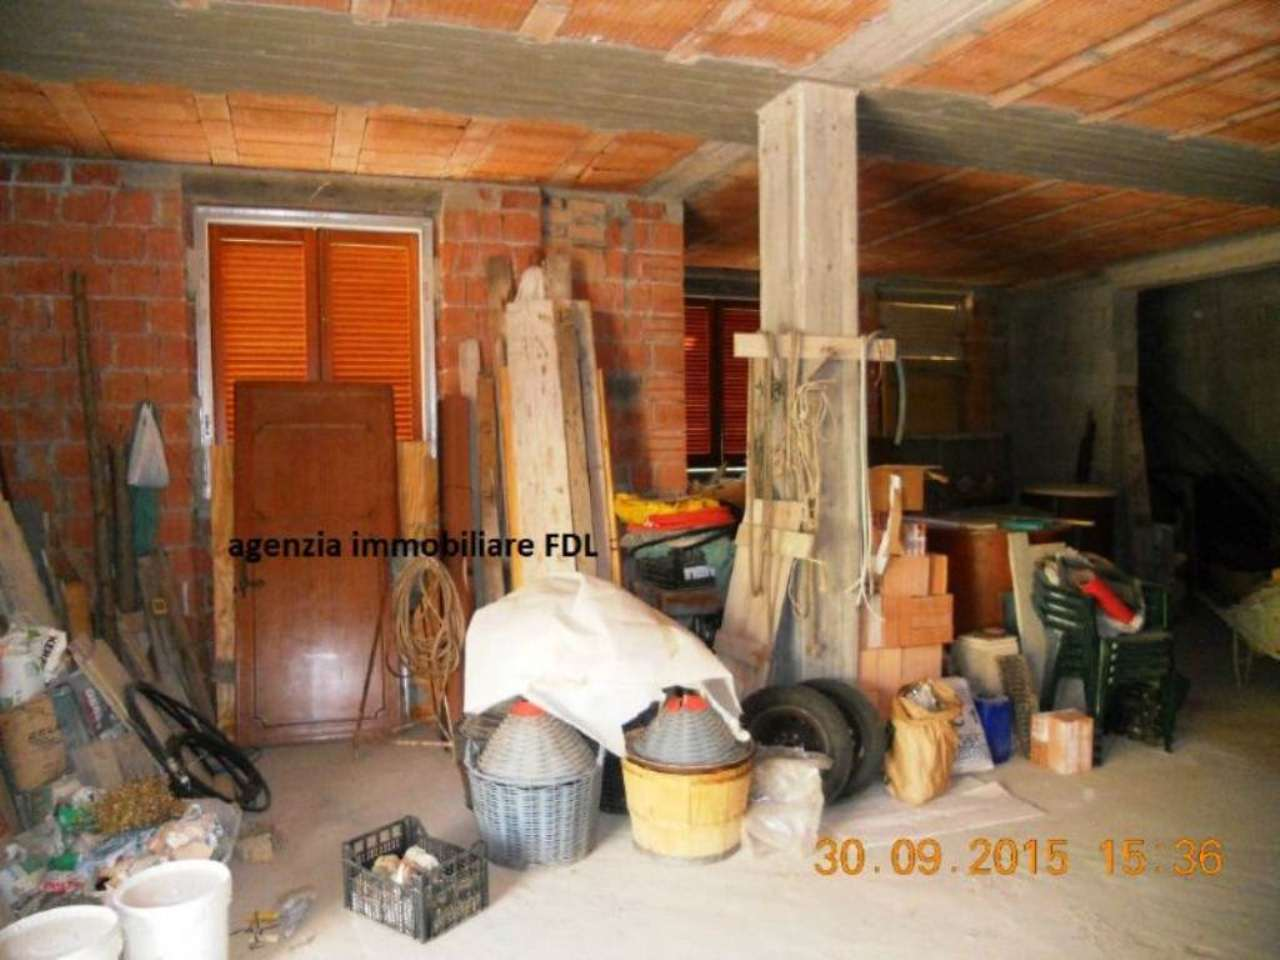 Appartamento in vendita a Casciana Terme Lari, 1 locali, prezzo € 85.000 | PortaleAgenzieImmobiliari.it